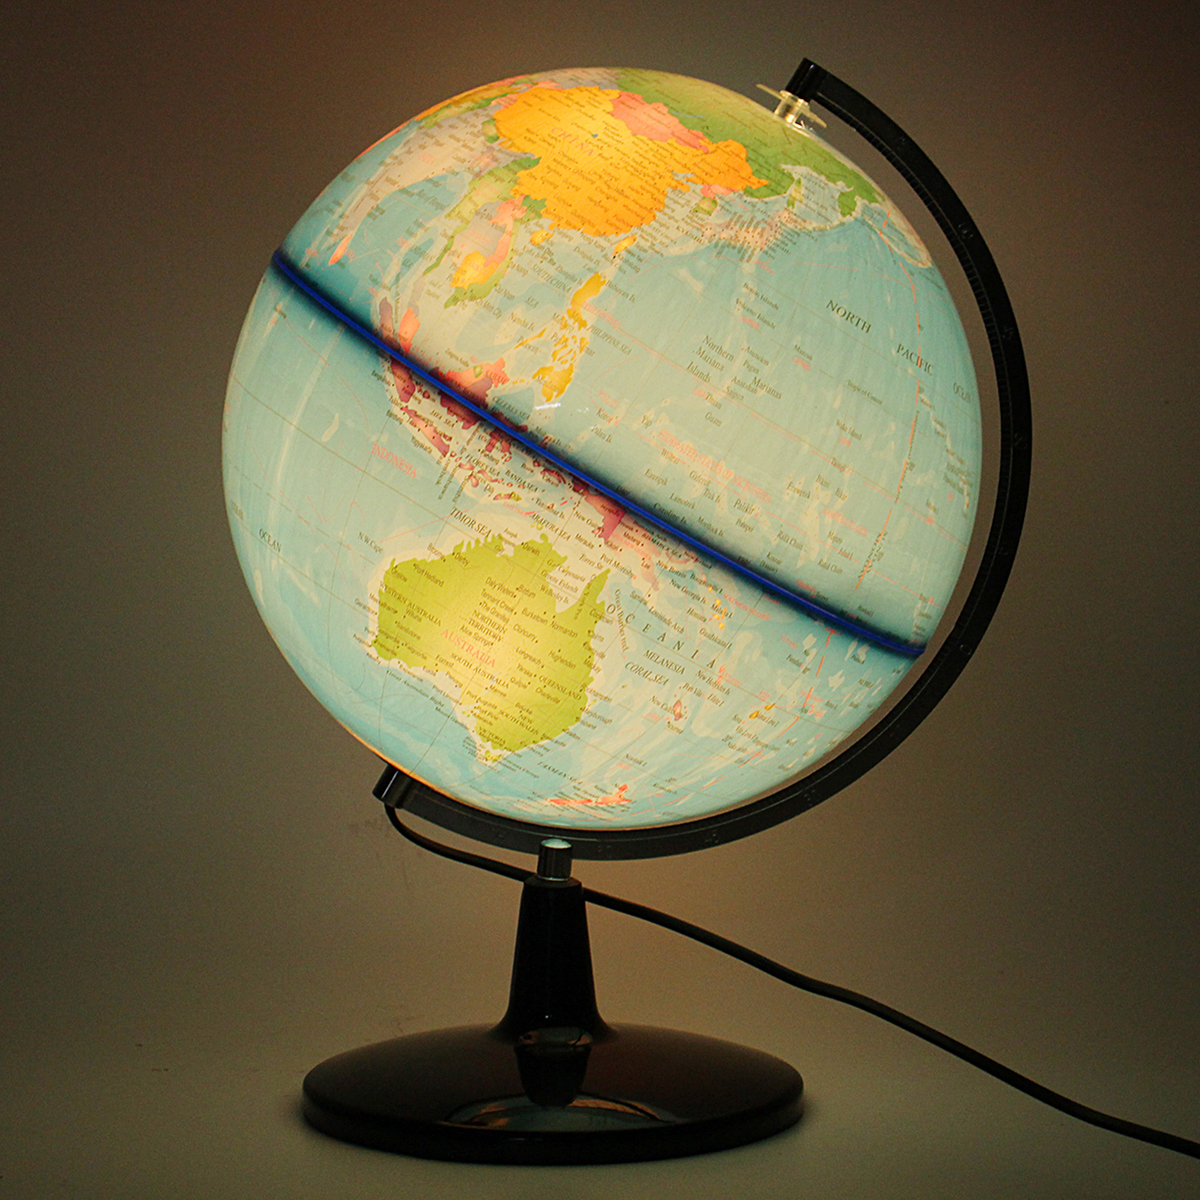 32 cm Électrique LED Lumière Monde Globe Terre Carte Enseigner L'éducation Géographie Toy Terrestre Tellurion Globe home Office Décor de Bureau - 4